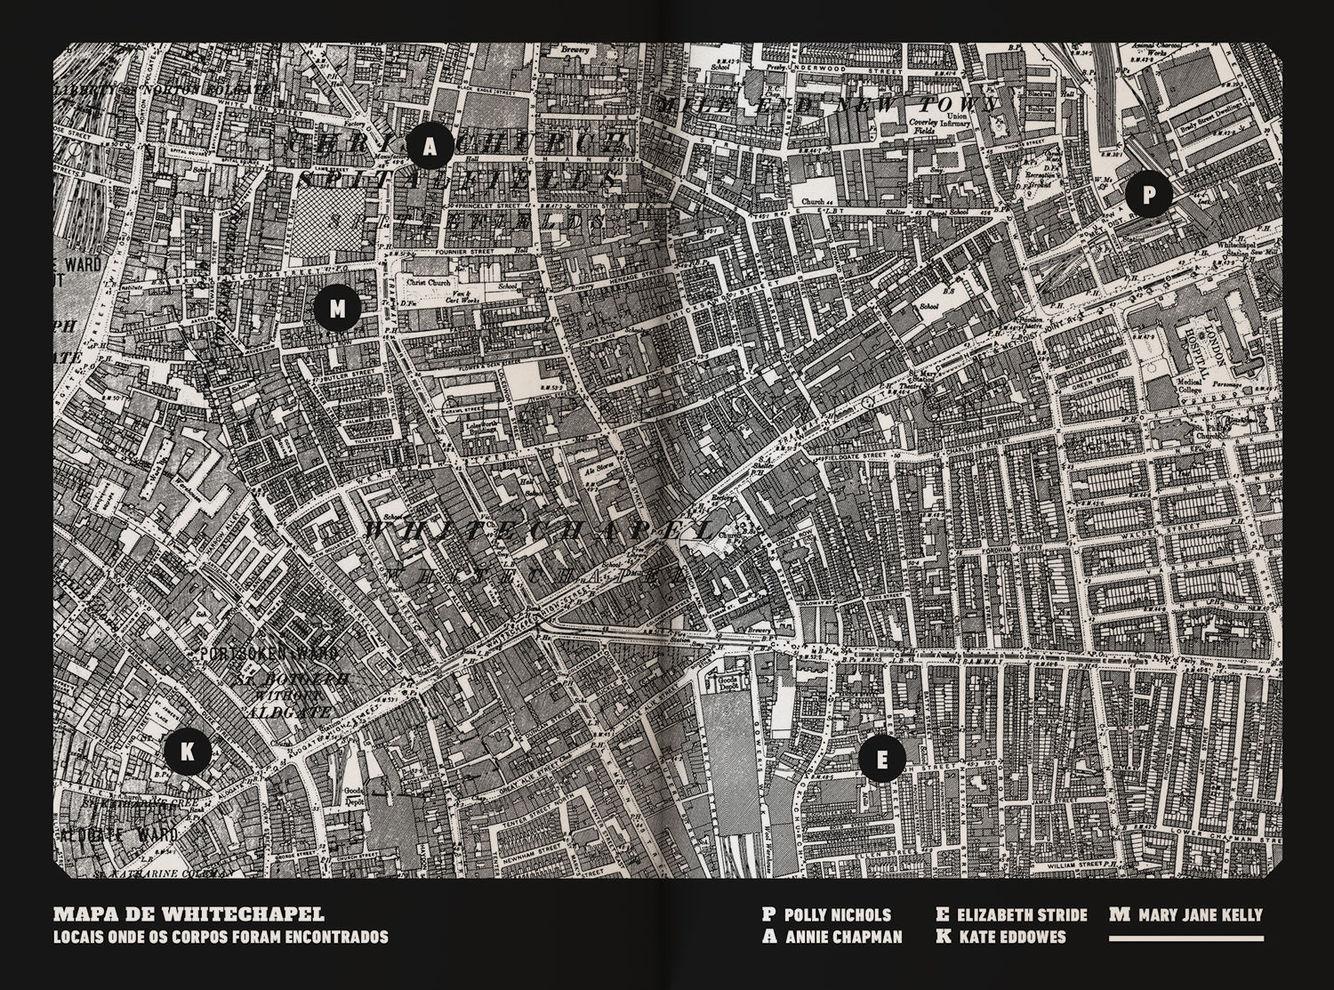 Mapa de Whitechapel